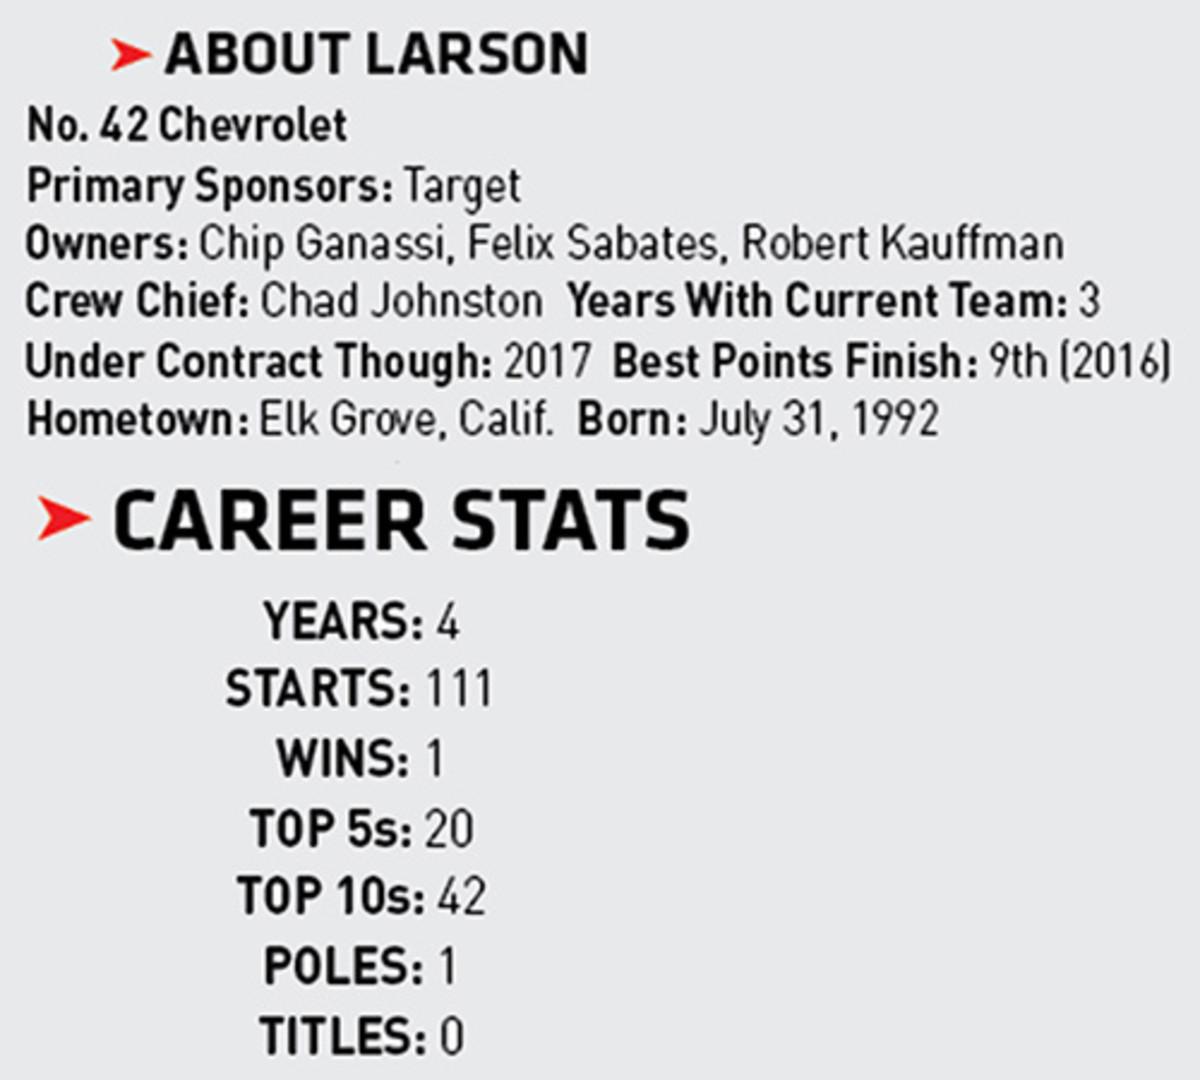 Kyle Larson stats, car number, sponsors, more